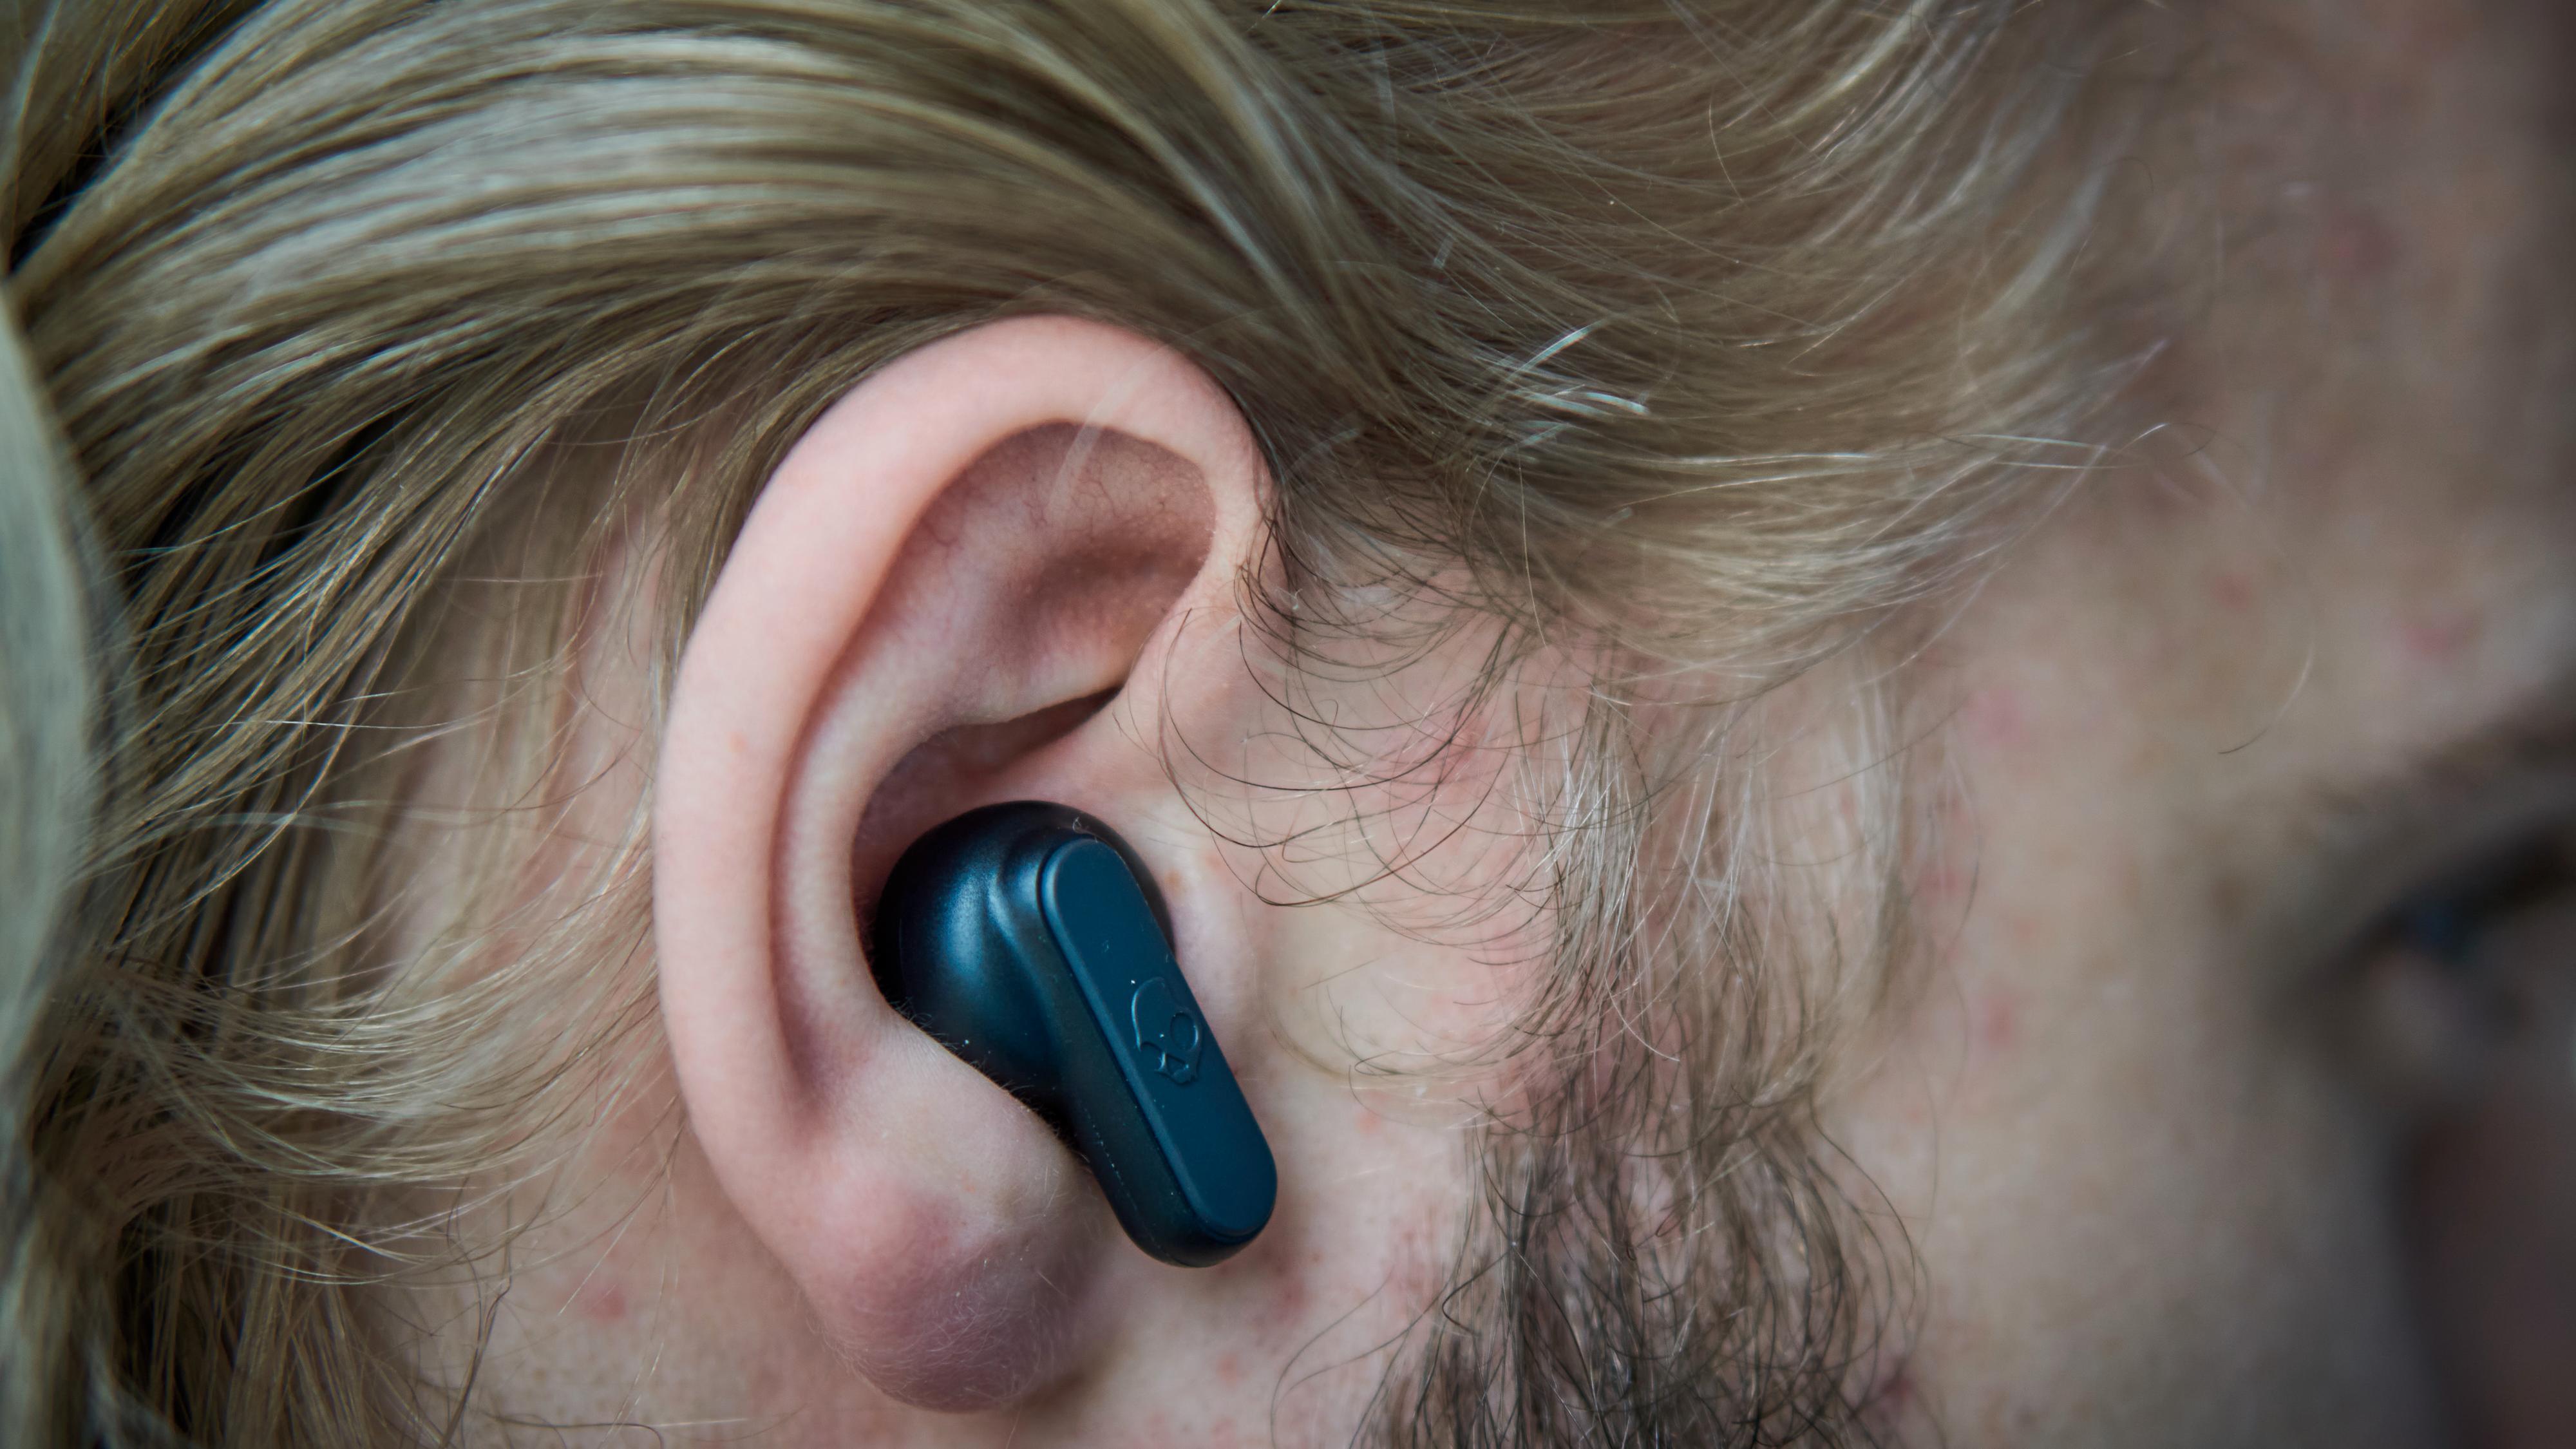 Proppene sitter godt og trygt i øret, og bygger ikke mye ut. De har også vann- og støvbeskyttelse, etter IP4X-standarden.